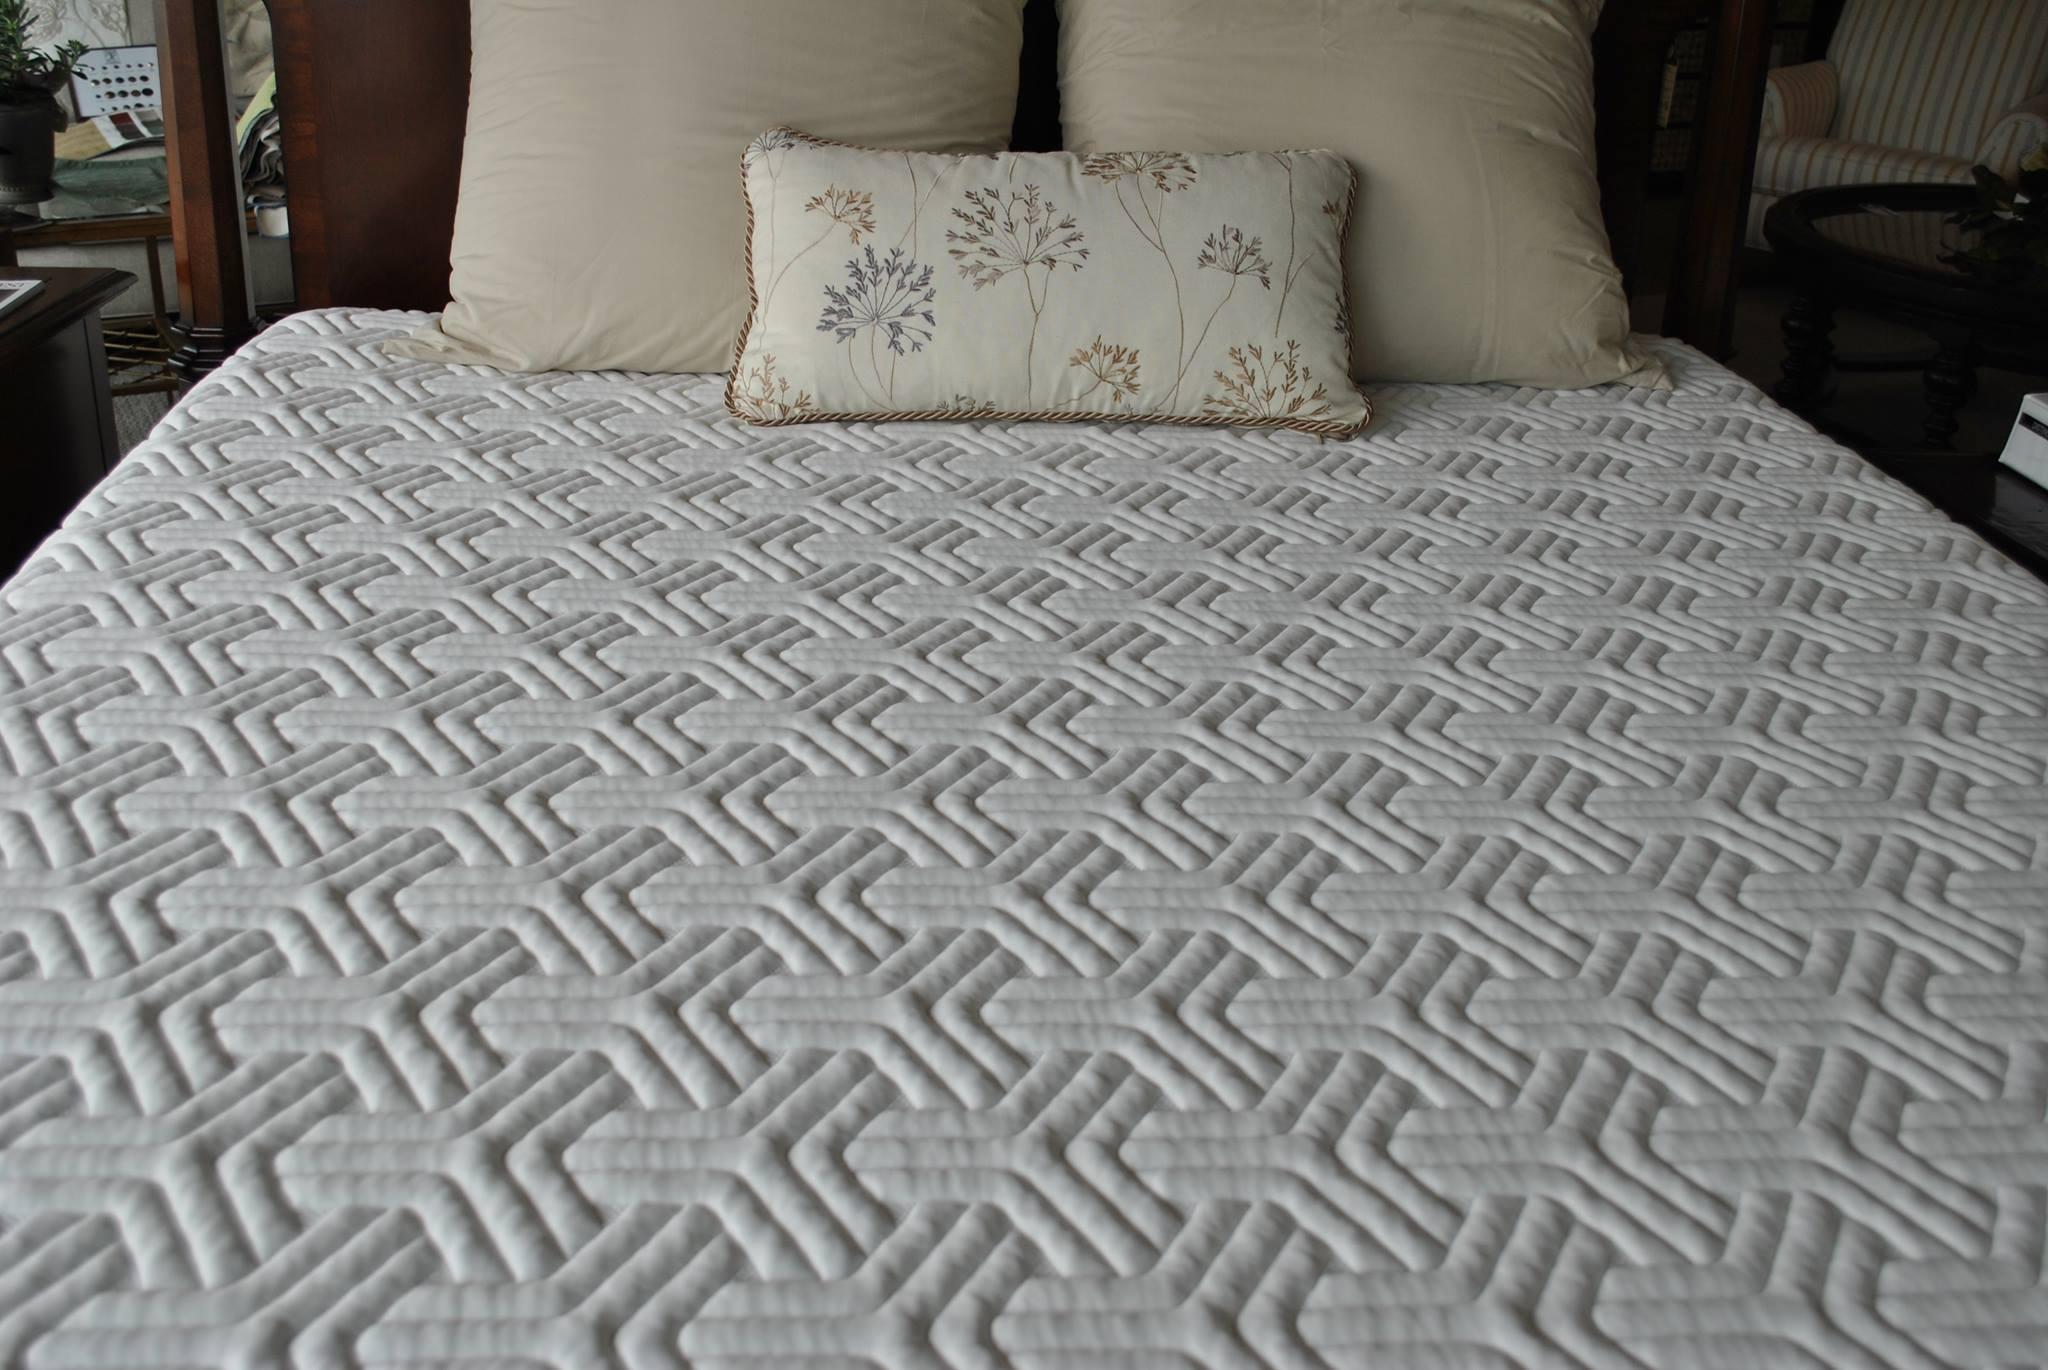 Hucks And Washington – Natural Talalay Latex Mattress And Latex Pillow Store In Conway South Carolina